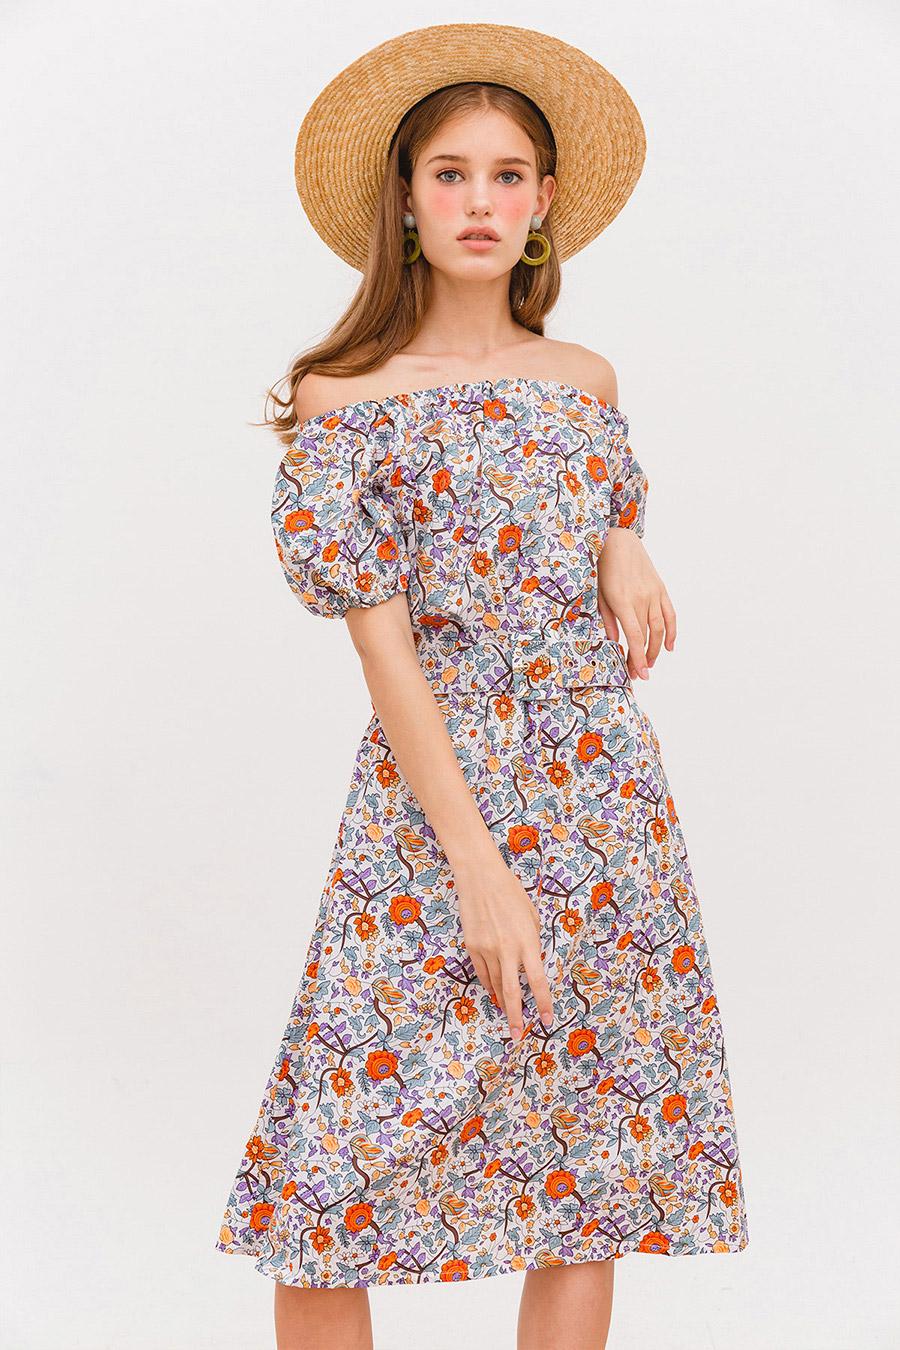 TILDEN DRESS - IVORY FLEUR